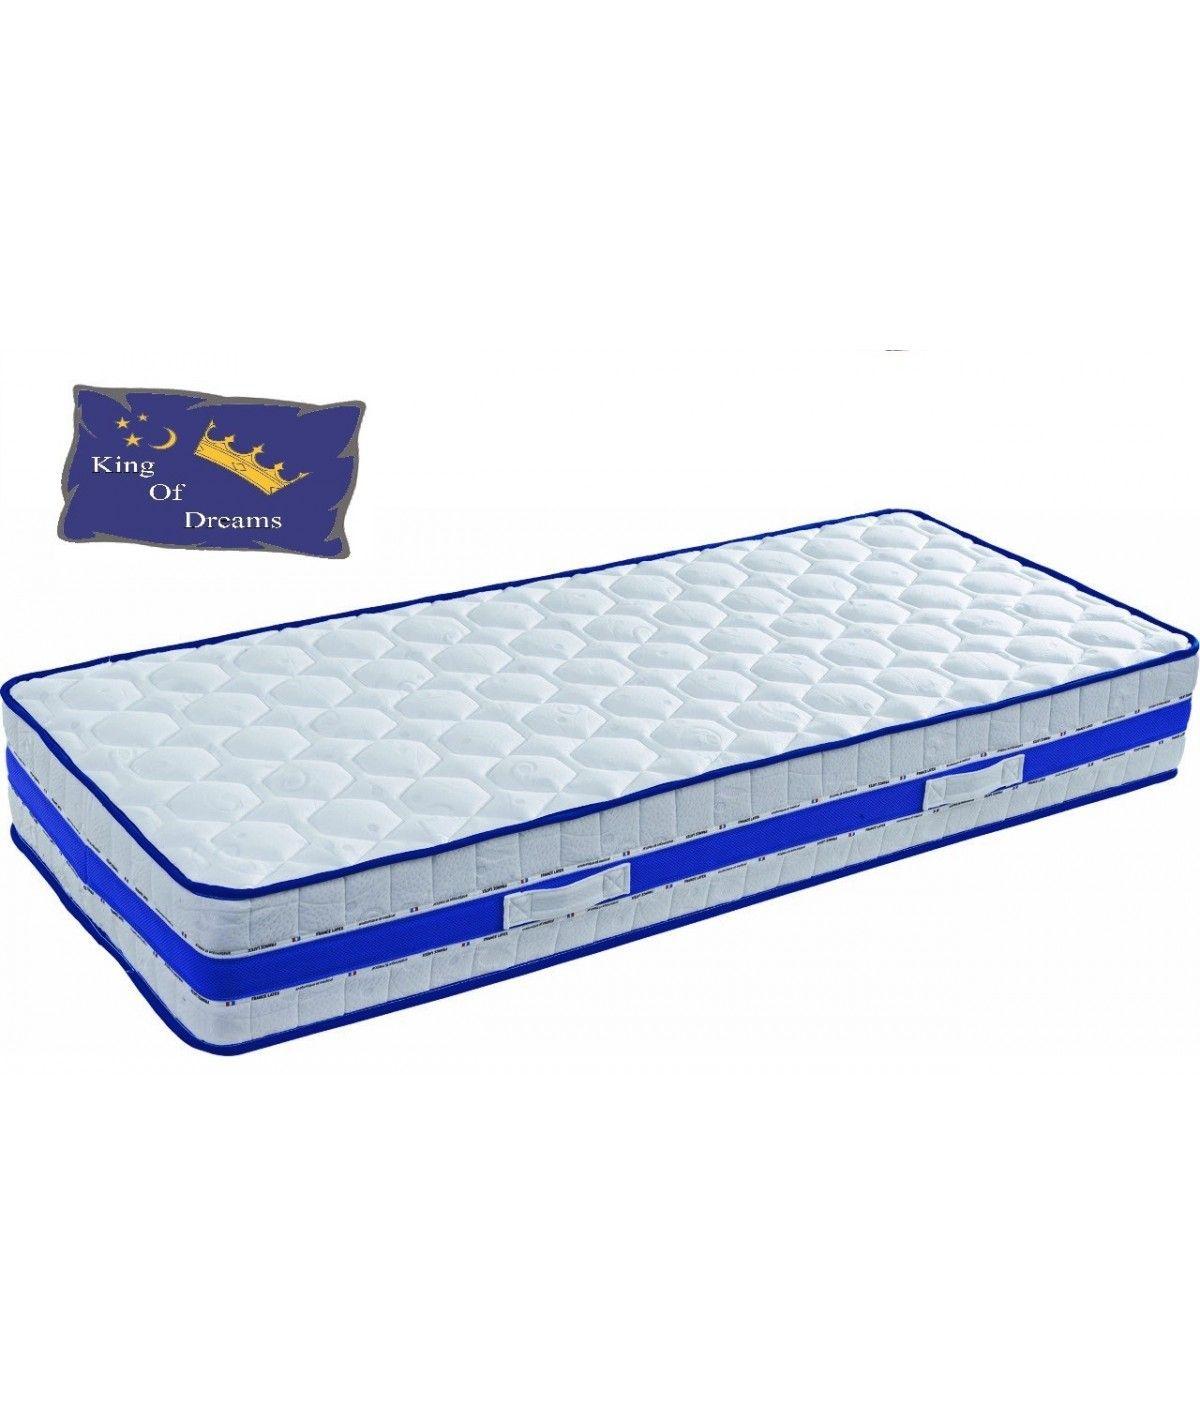 Lattex blue matelas 90x190 hauteur 29 cm face hiver avec laine merinos fa - Matelas face ete face hiver ...